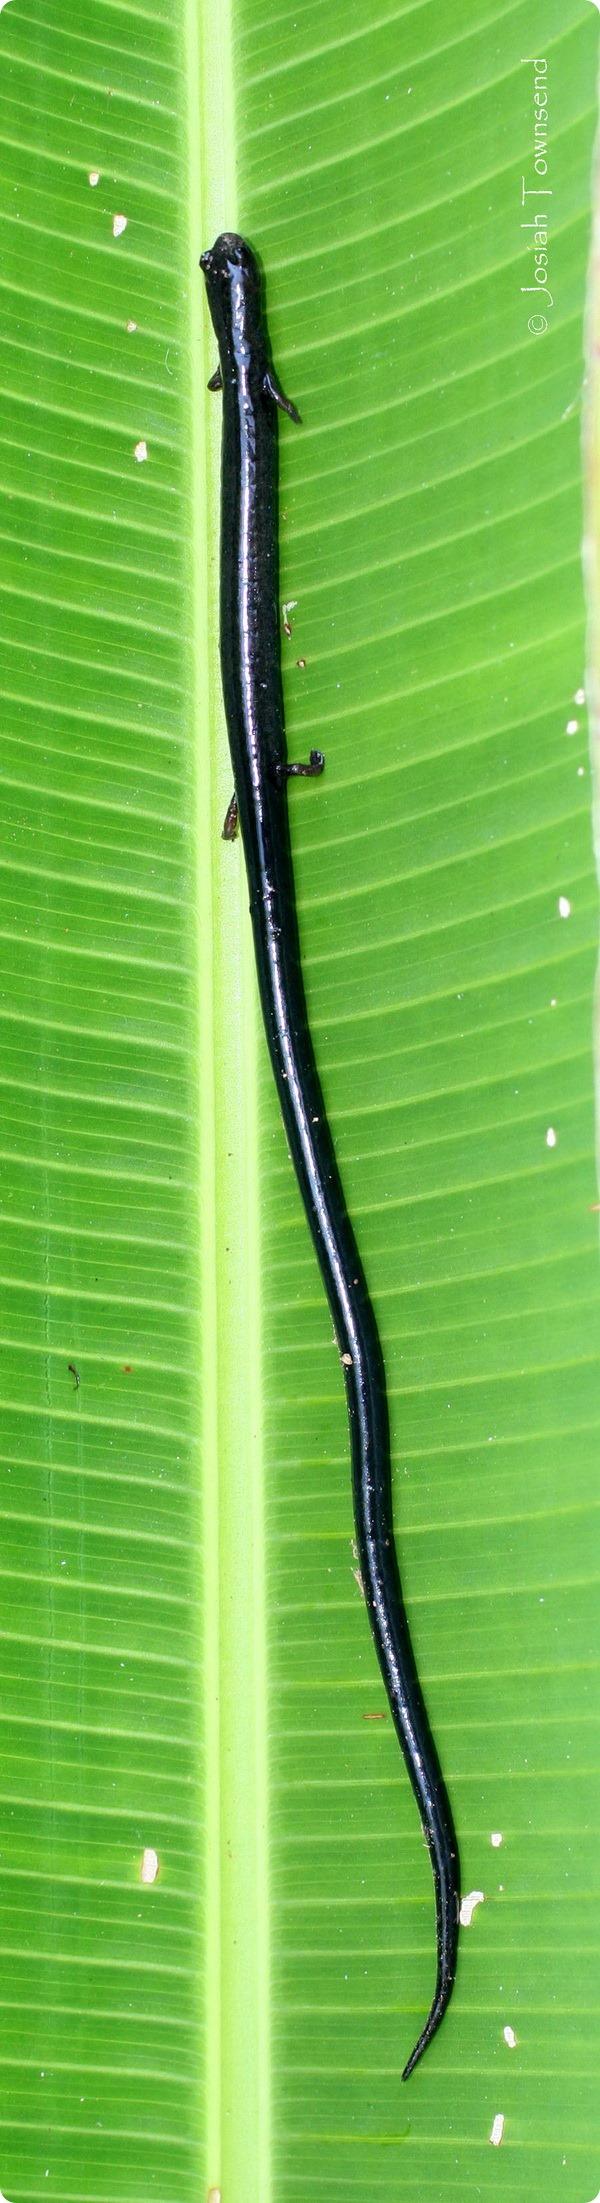 Веретеновидные саламандры (лат. Oedipina)